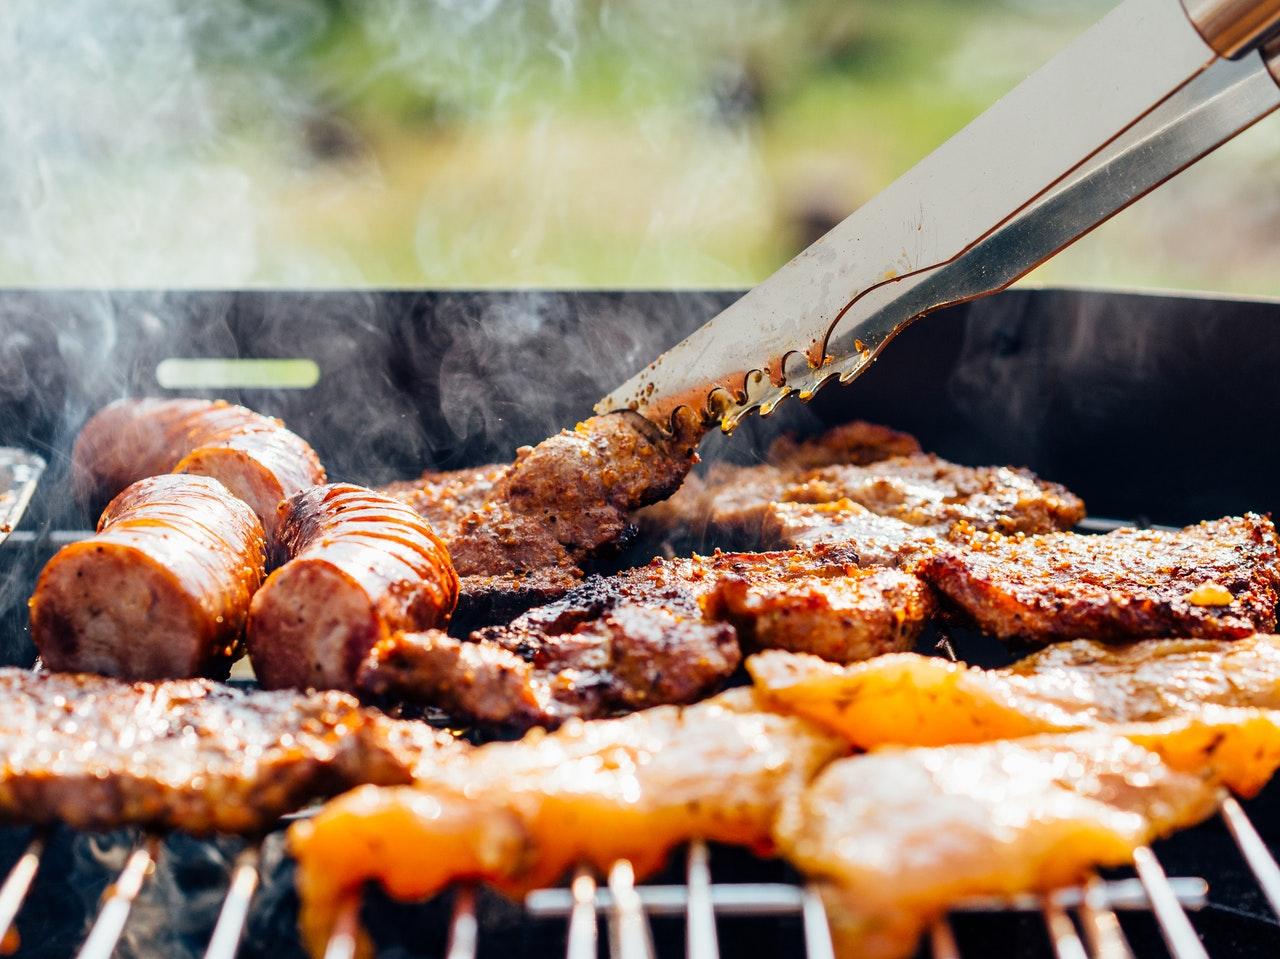 肉だけダイエット方法の危険とは?2週間で-5㎏の方法!